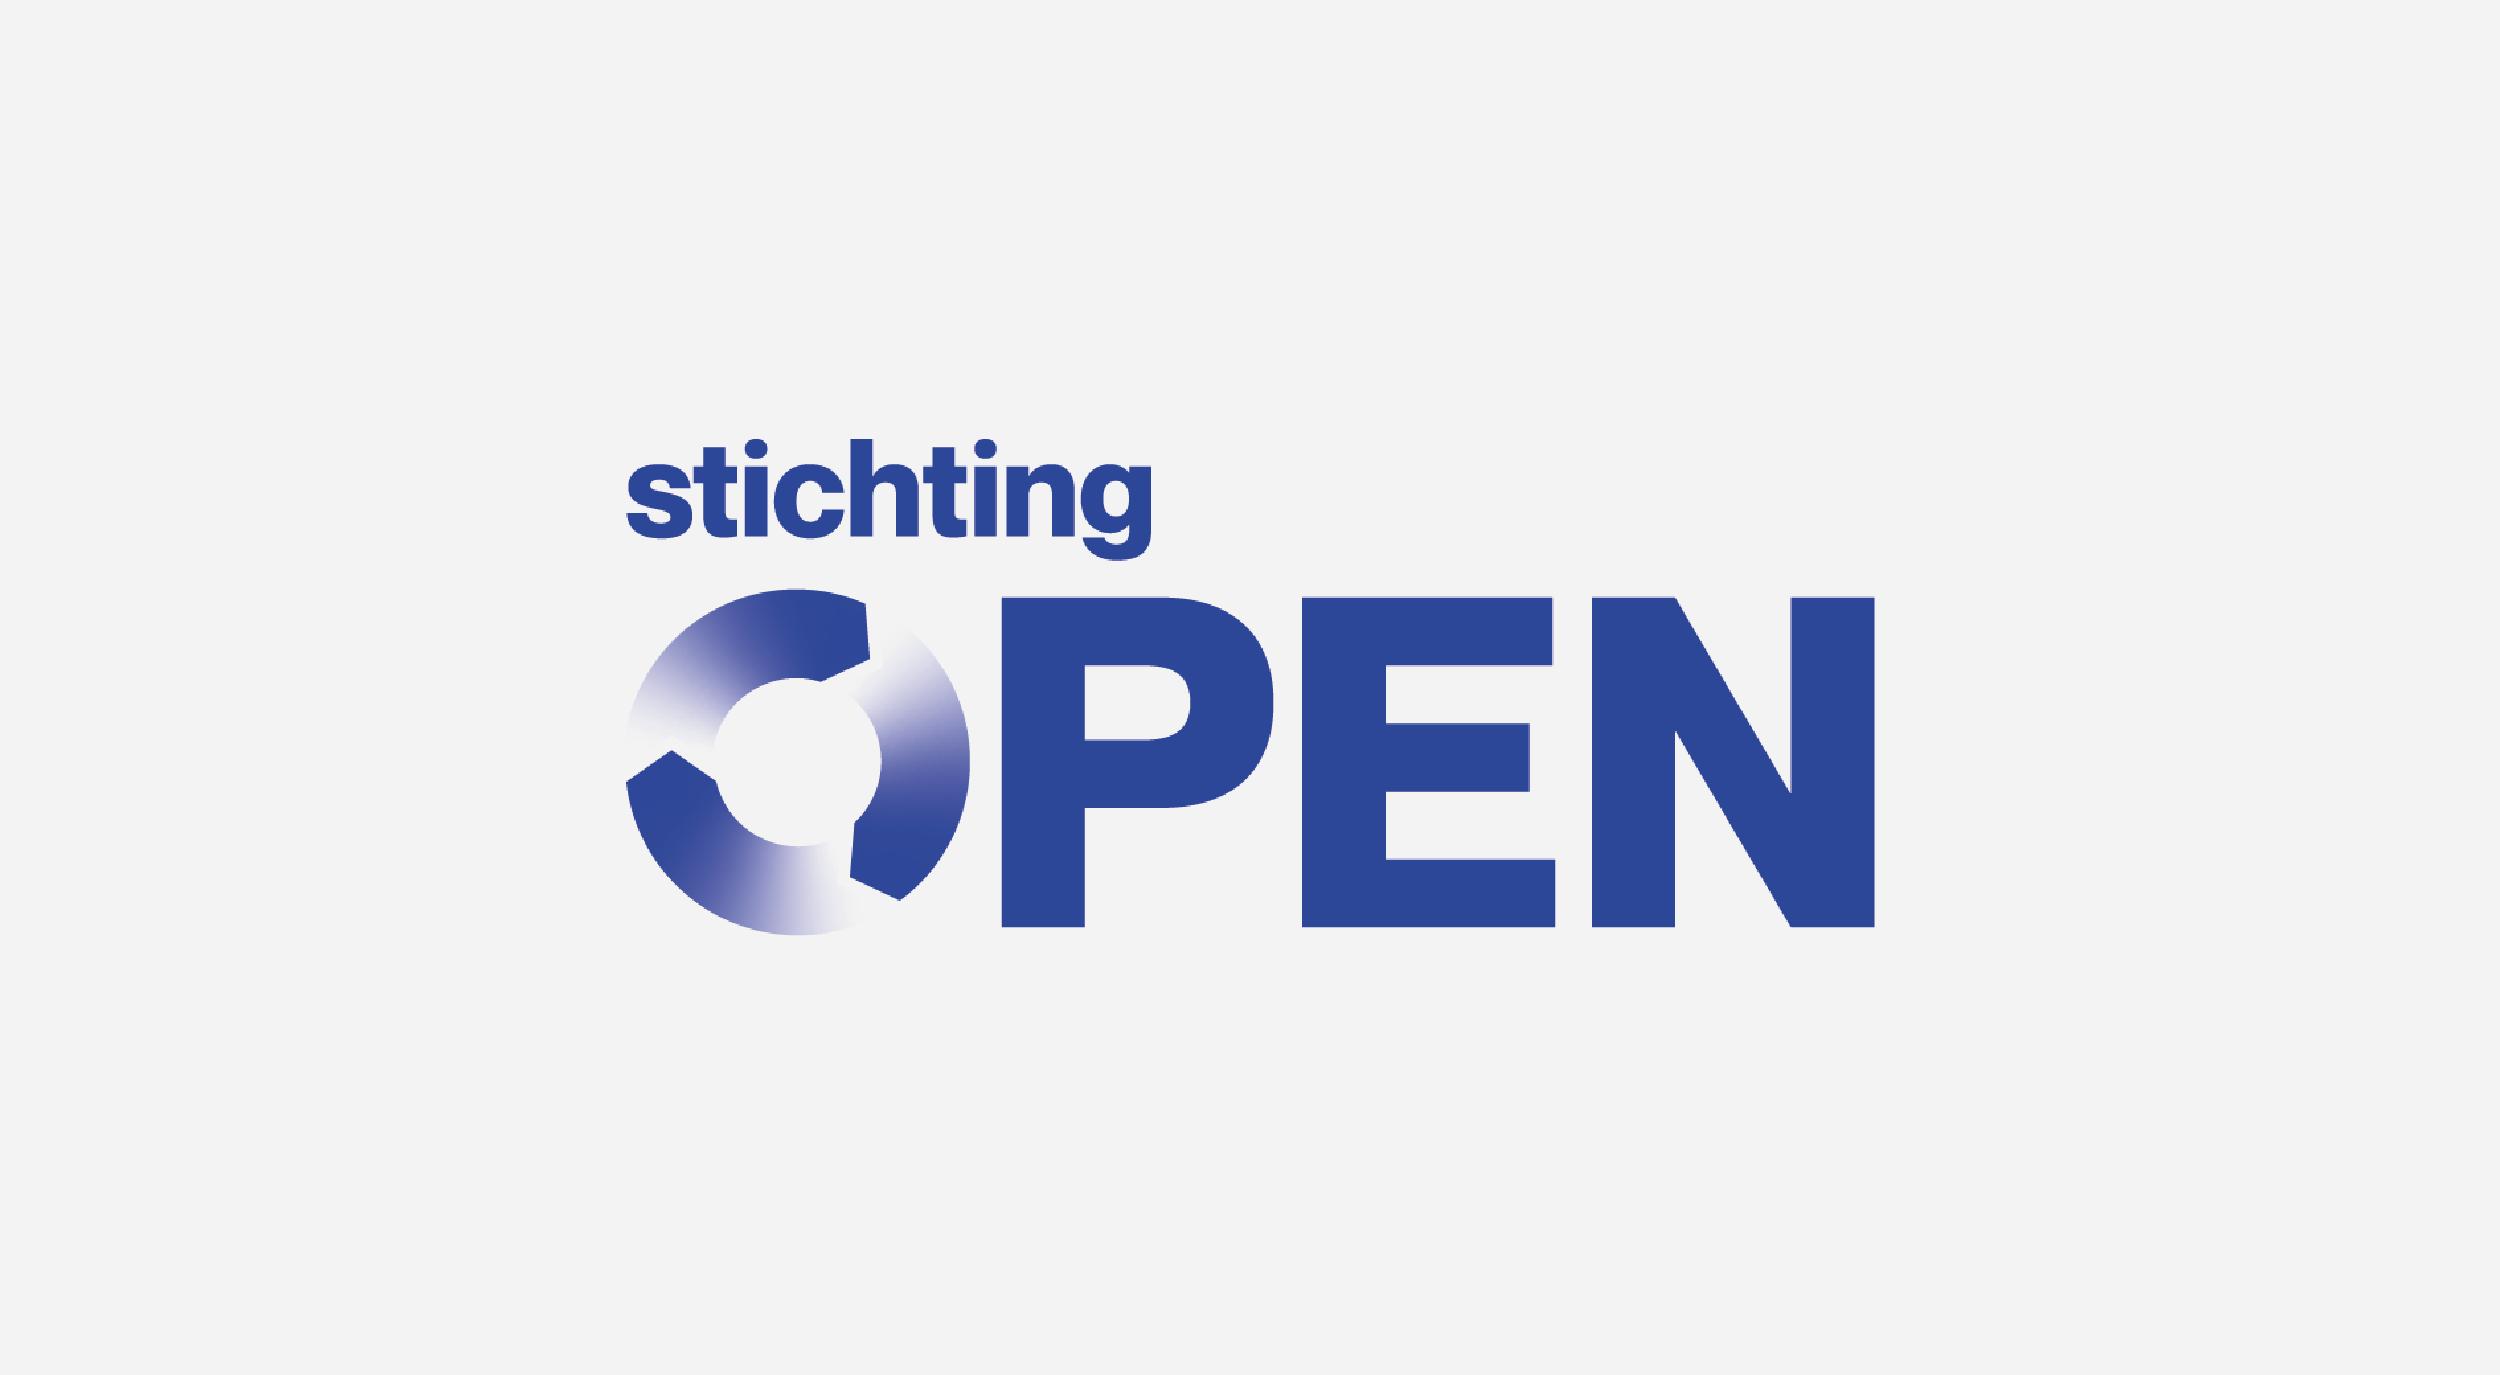 stichiting open